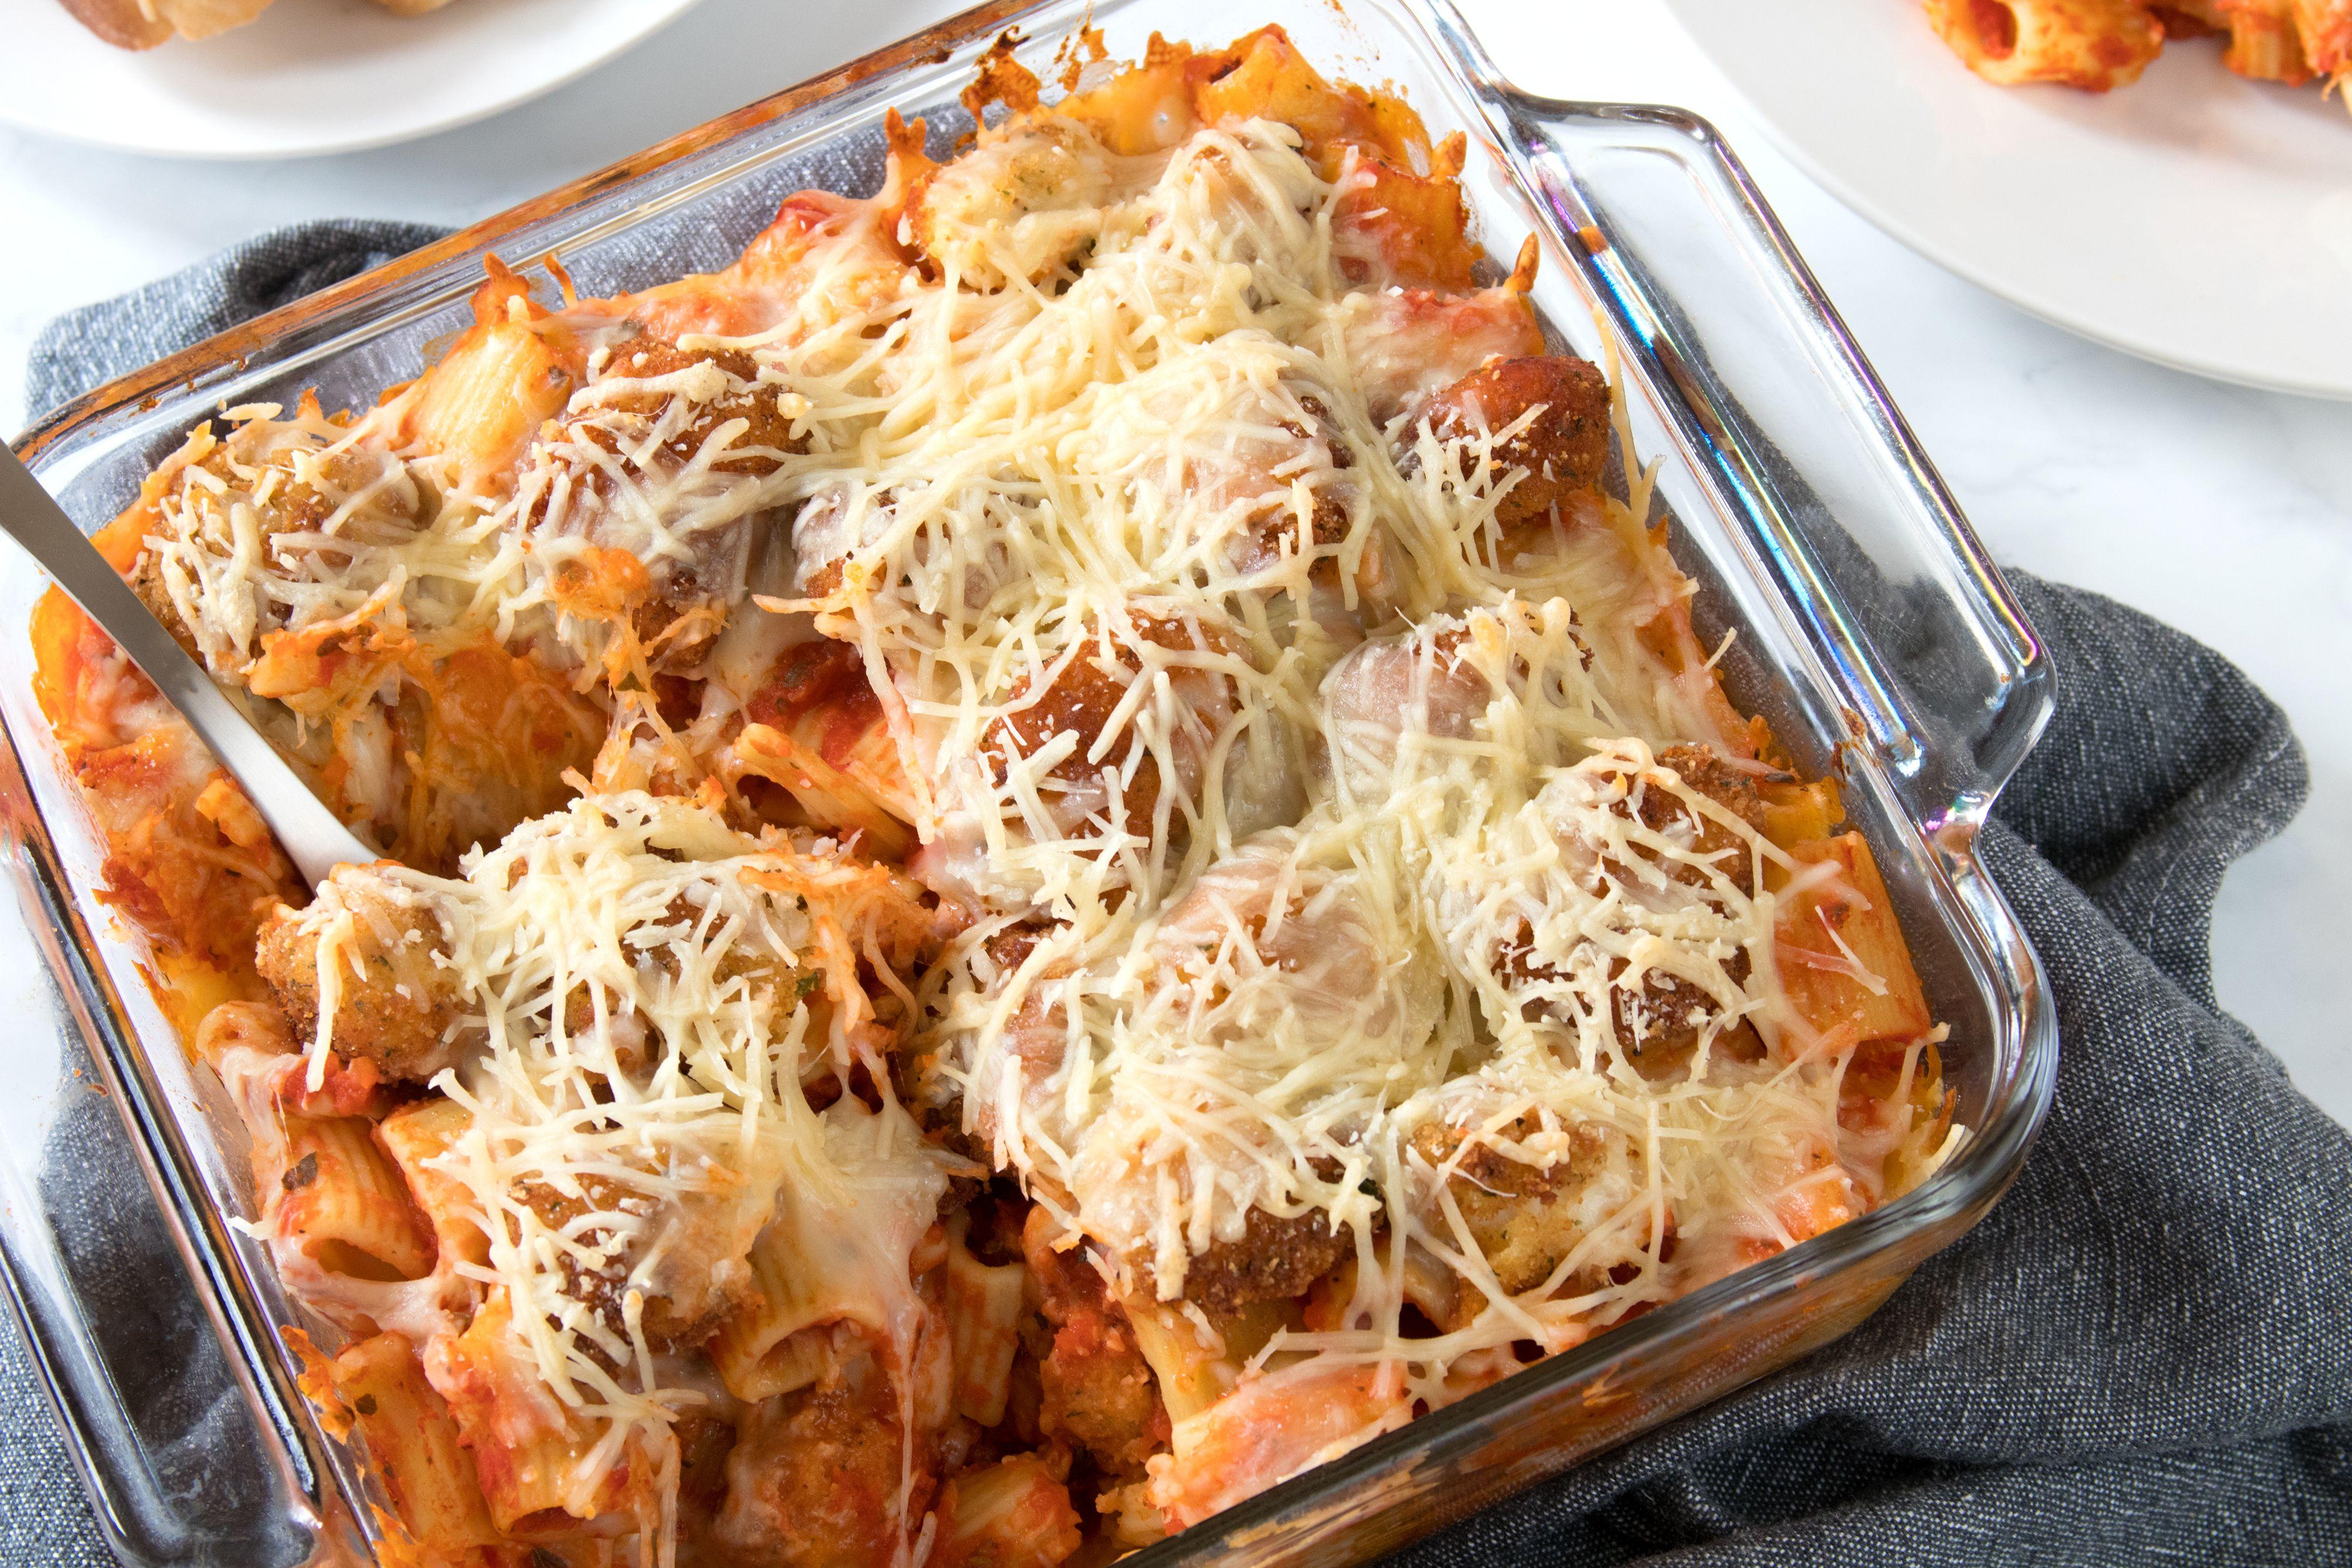 Enjoy Chicken Parm Casserole-Style